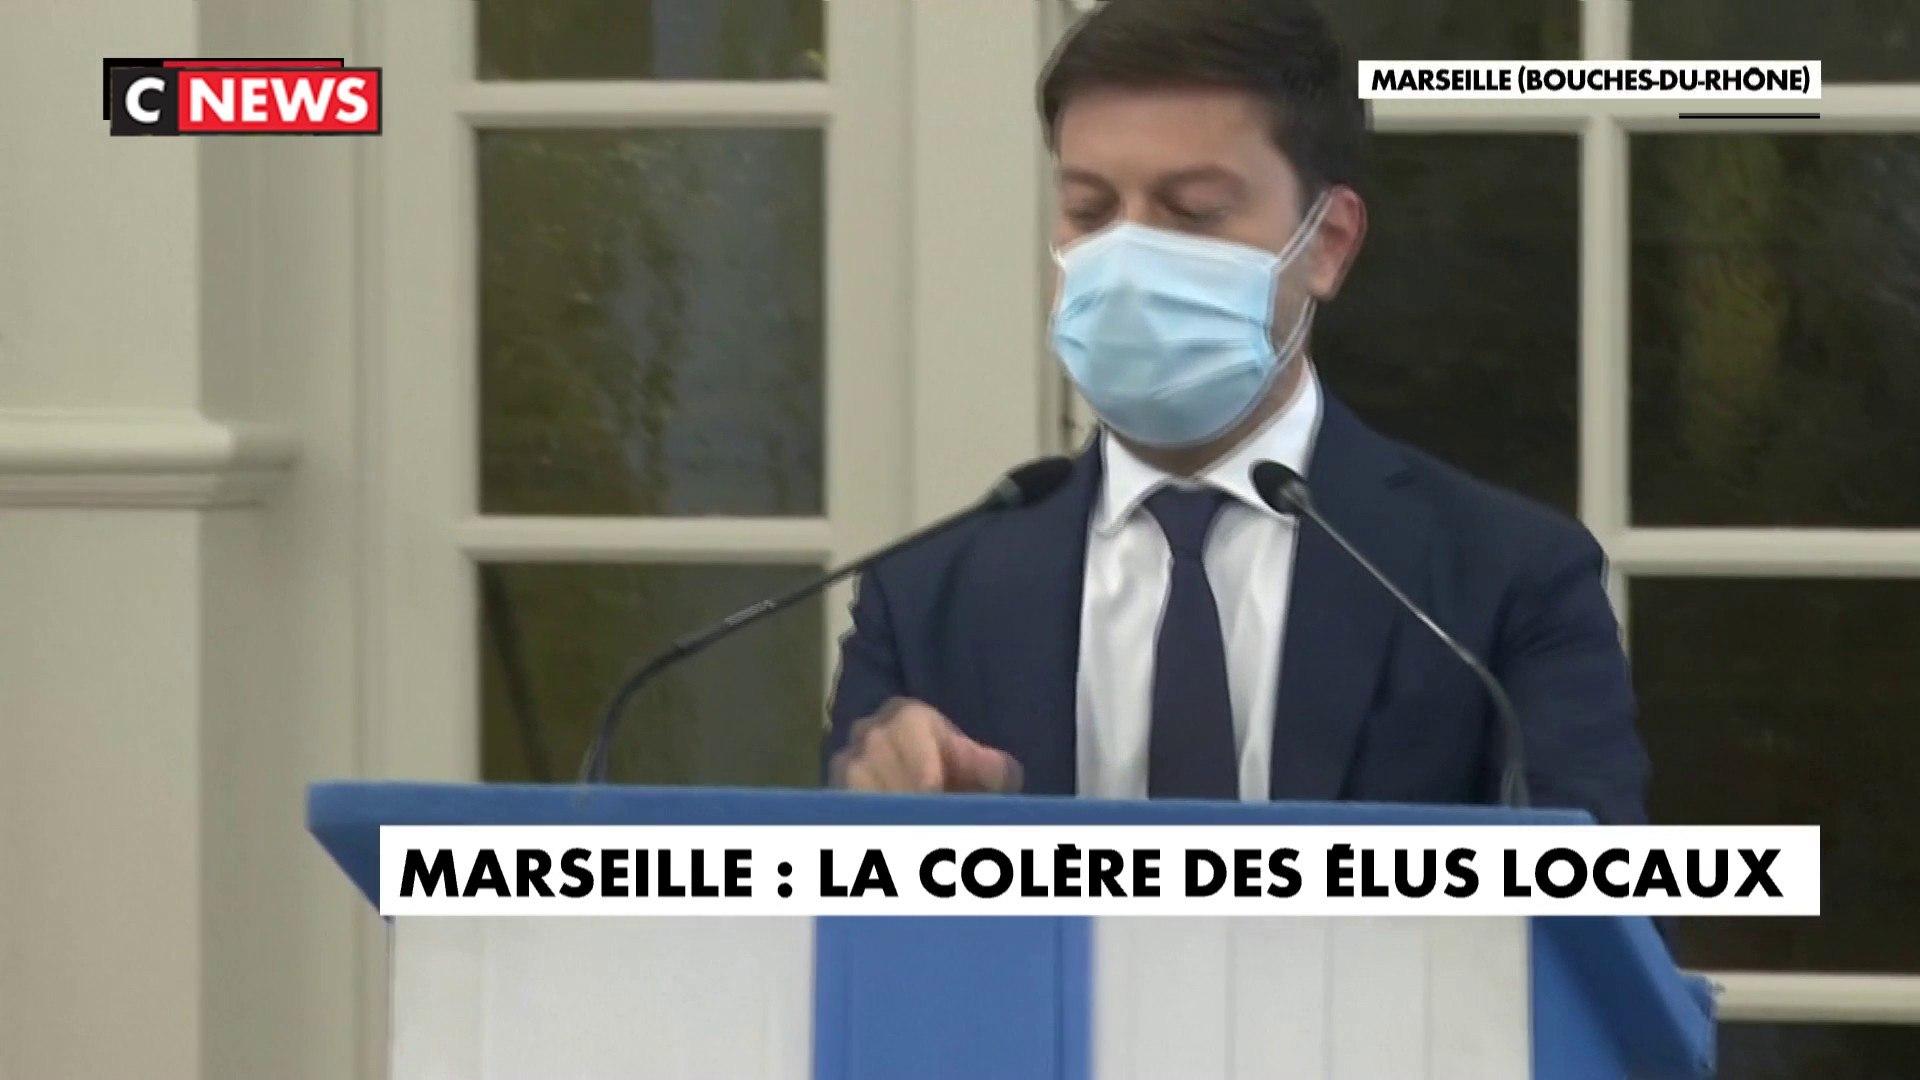 Actu Marseille  - cover